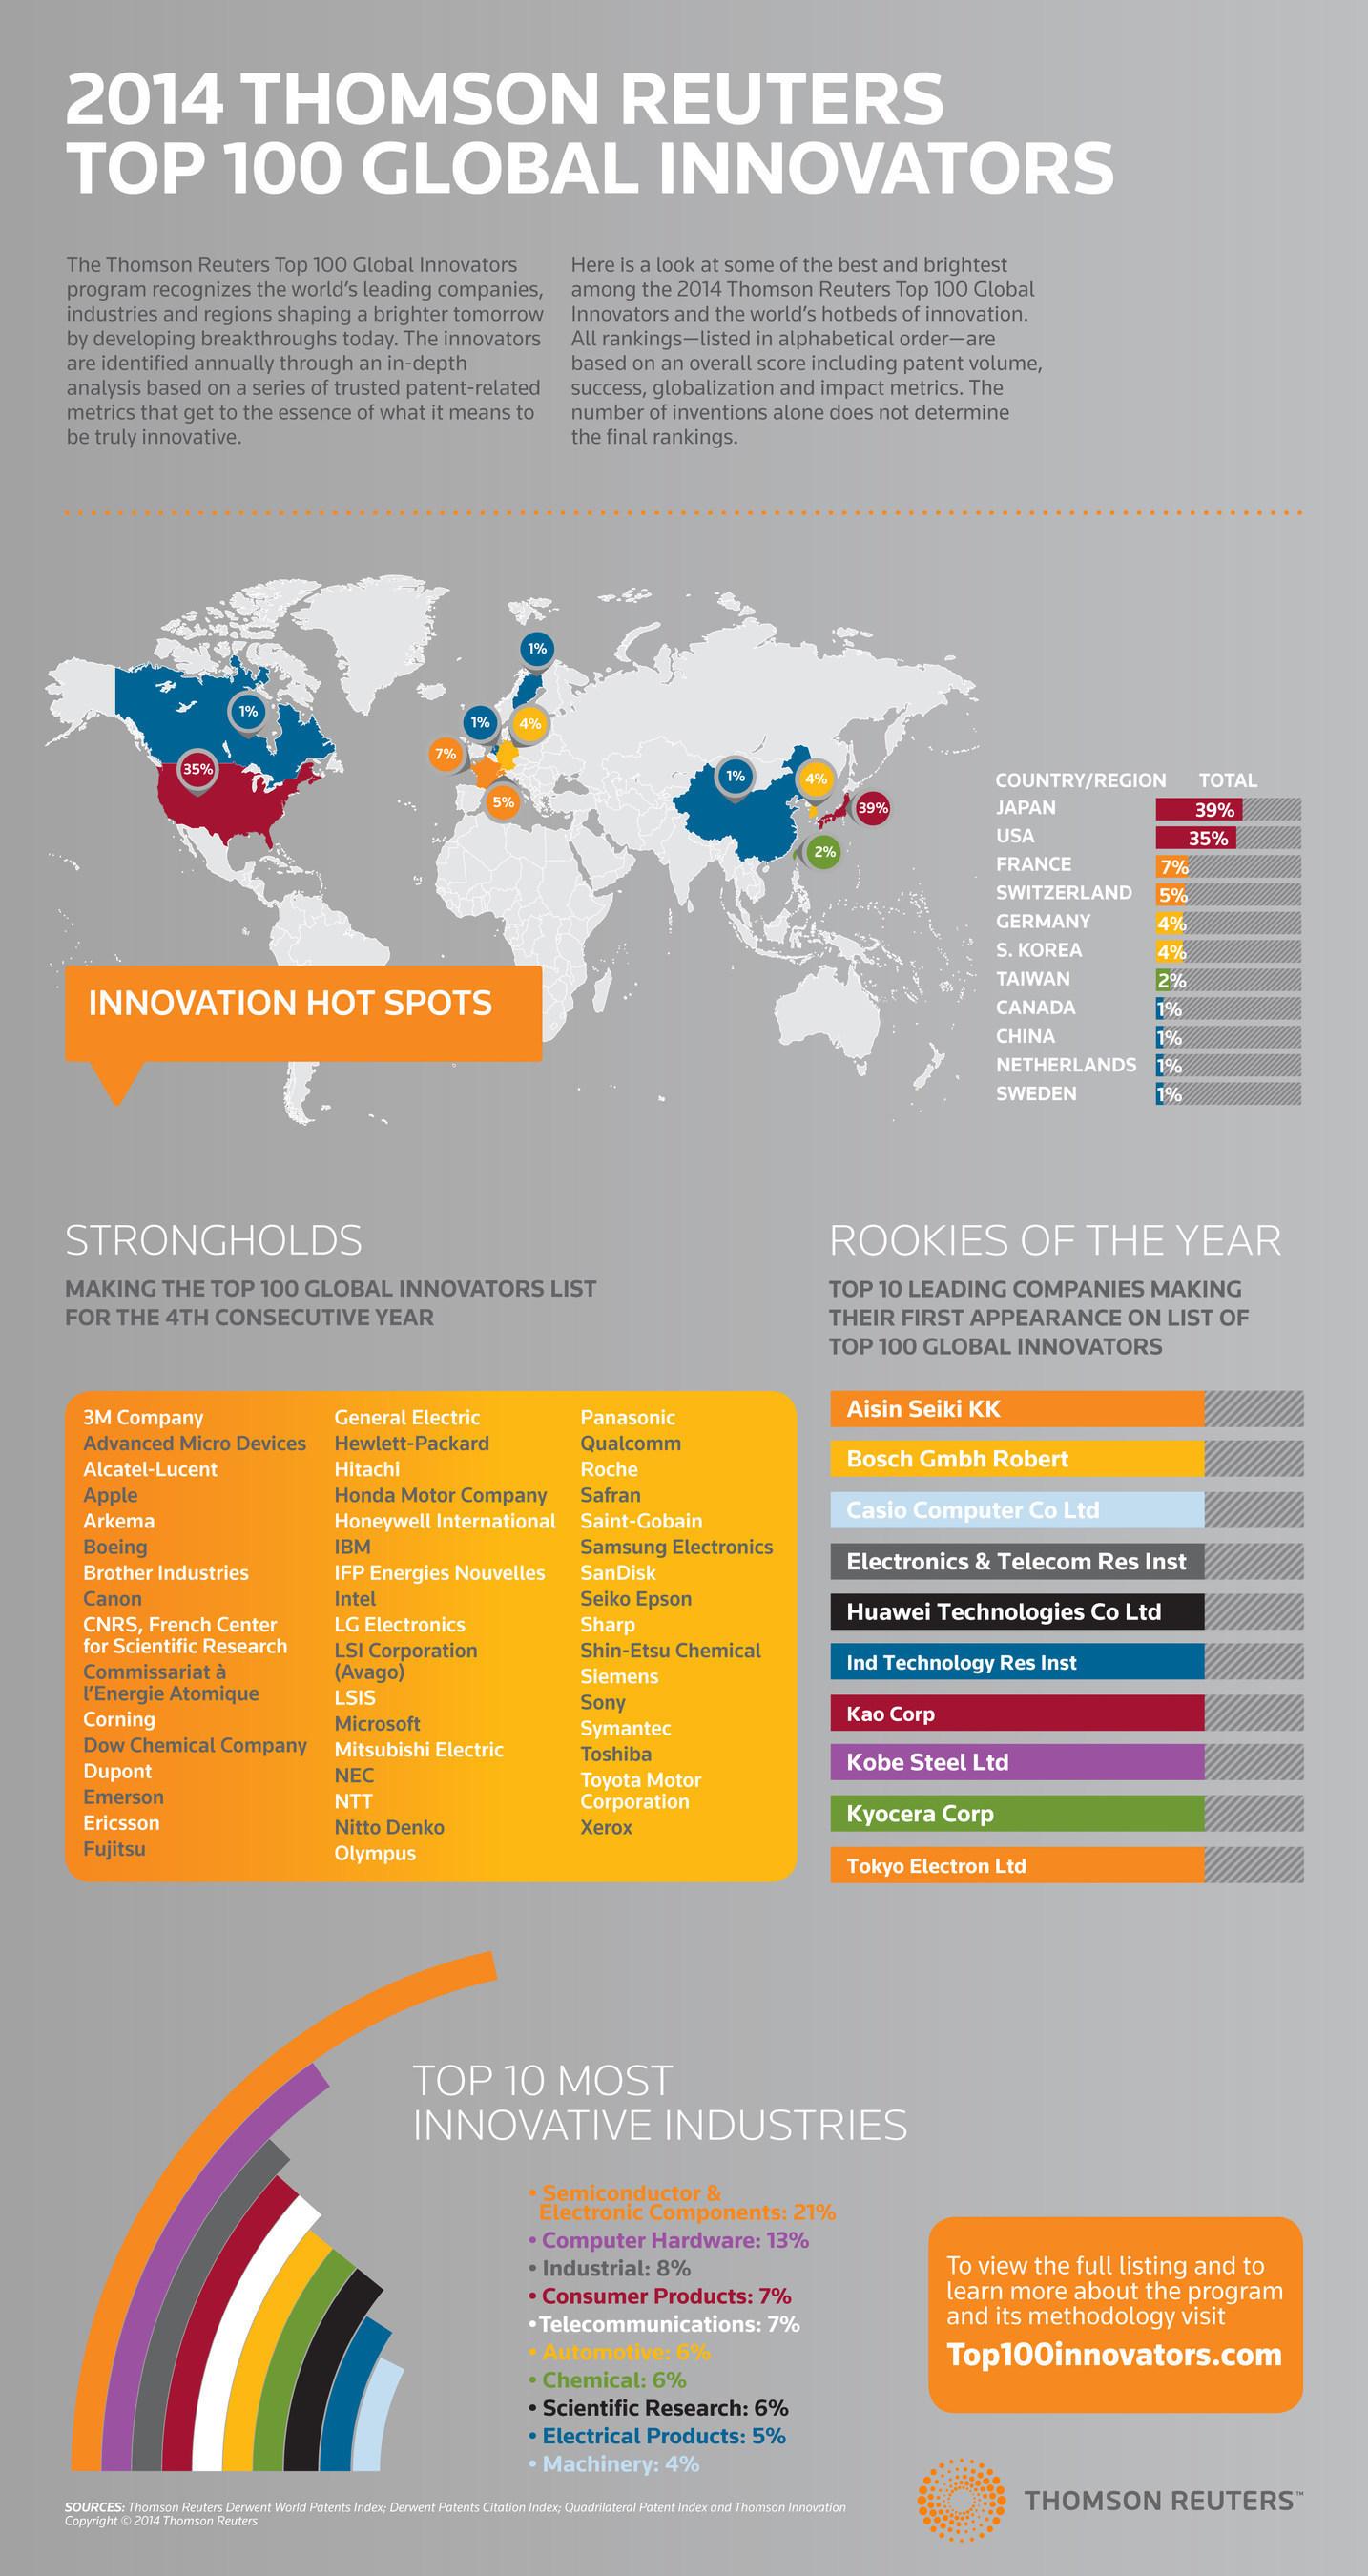 Thomson Reuters benennt die 100 Top-Innovatoren der Welt 2014